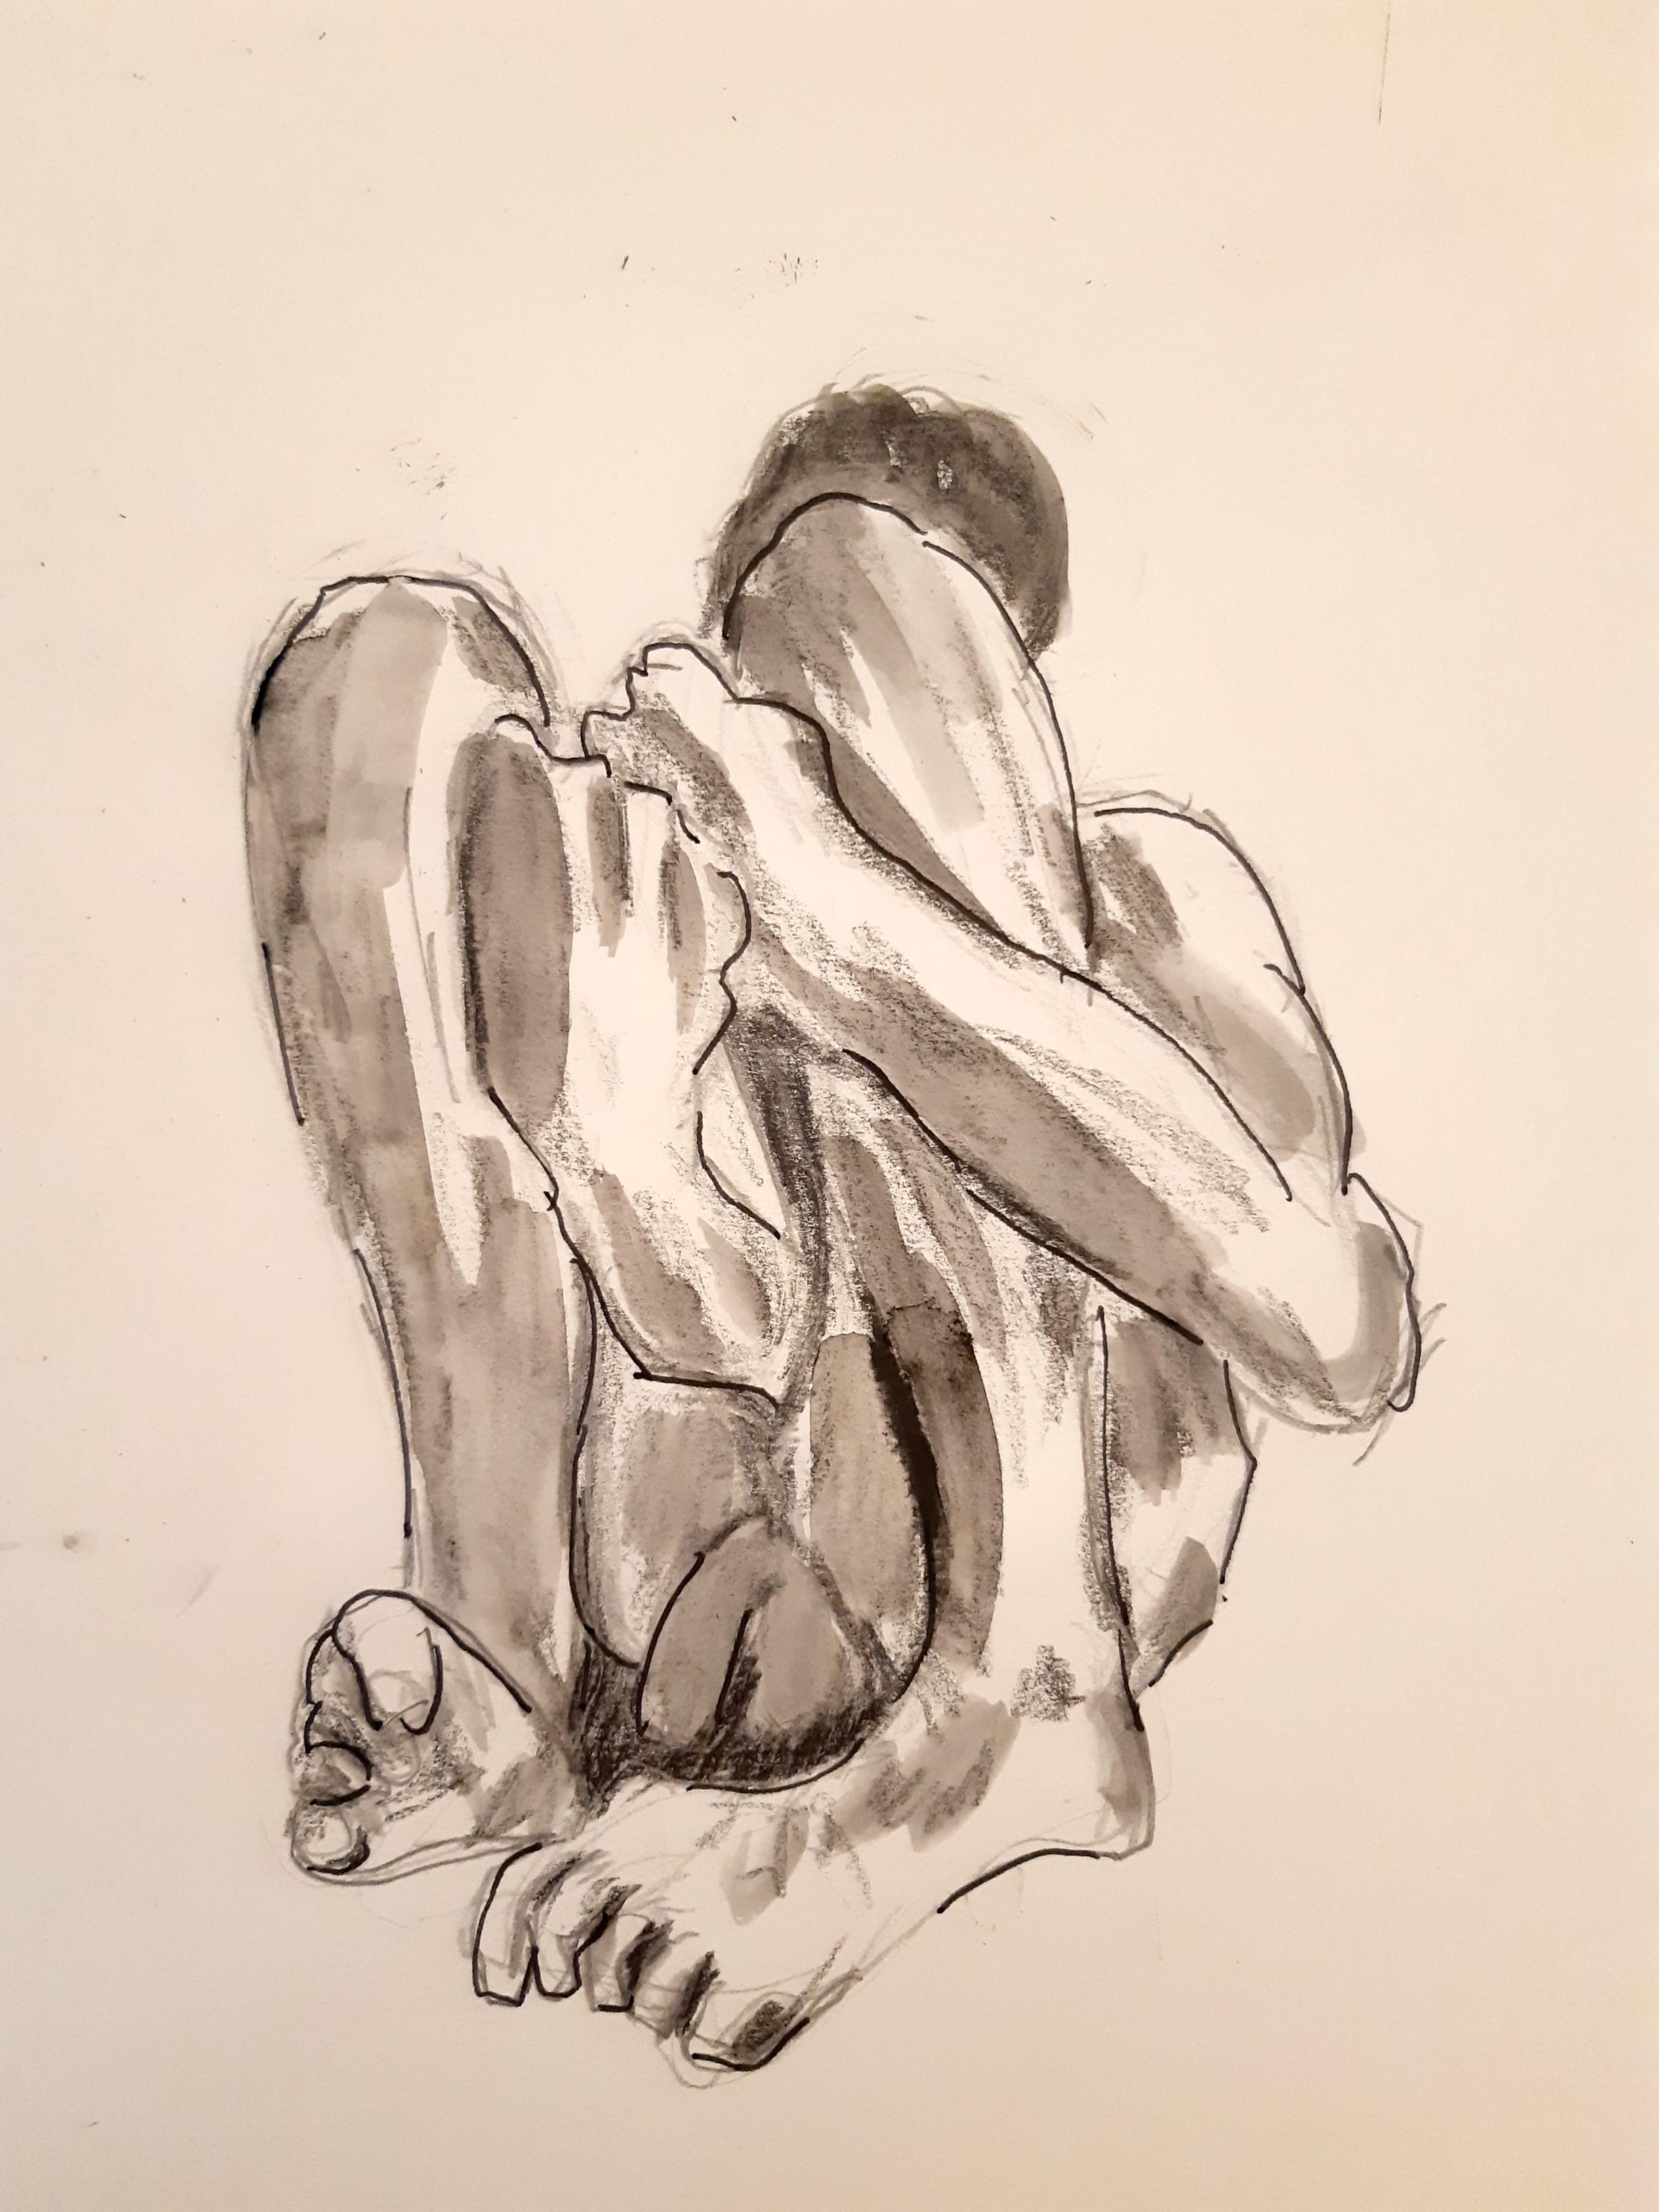 Poses regroupées technique mixte feutre crayon papier esquisse dessin  cours de dessin